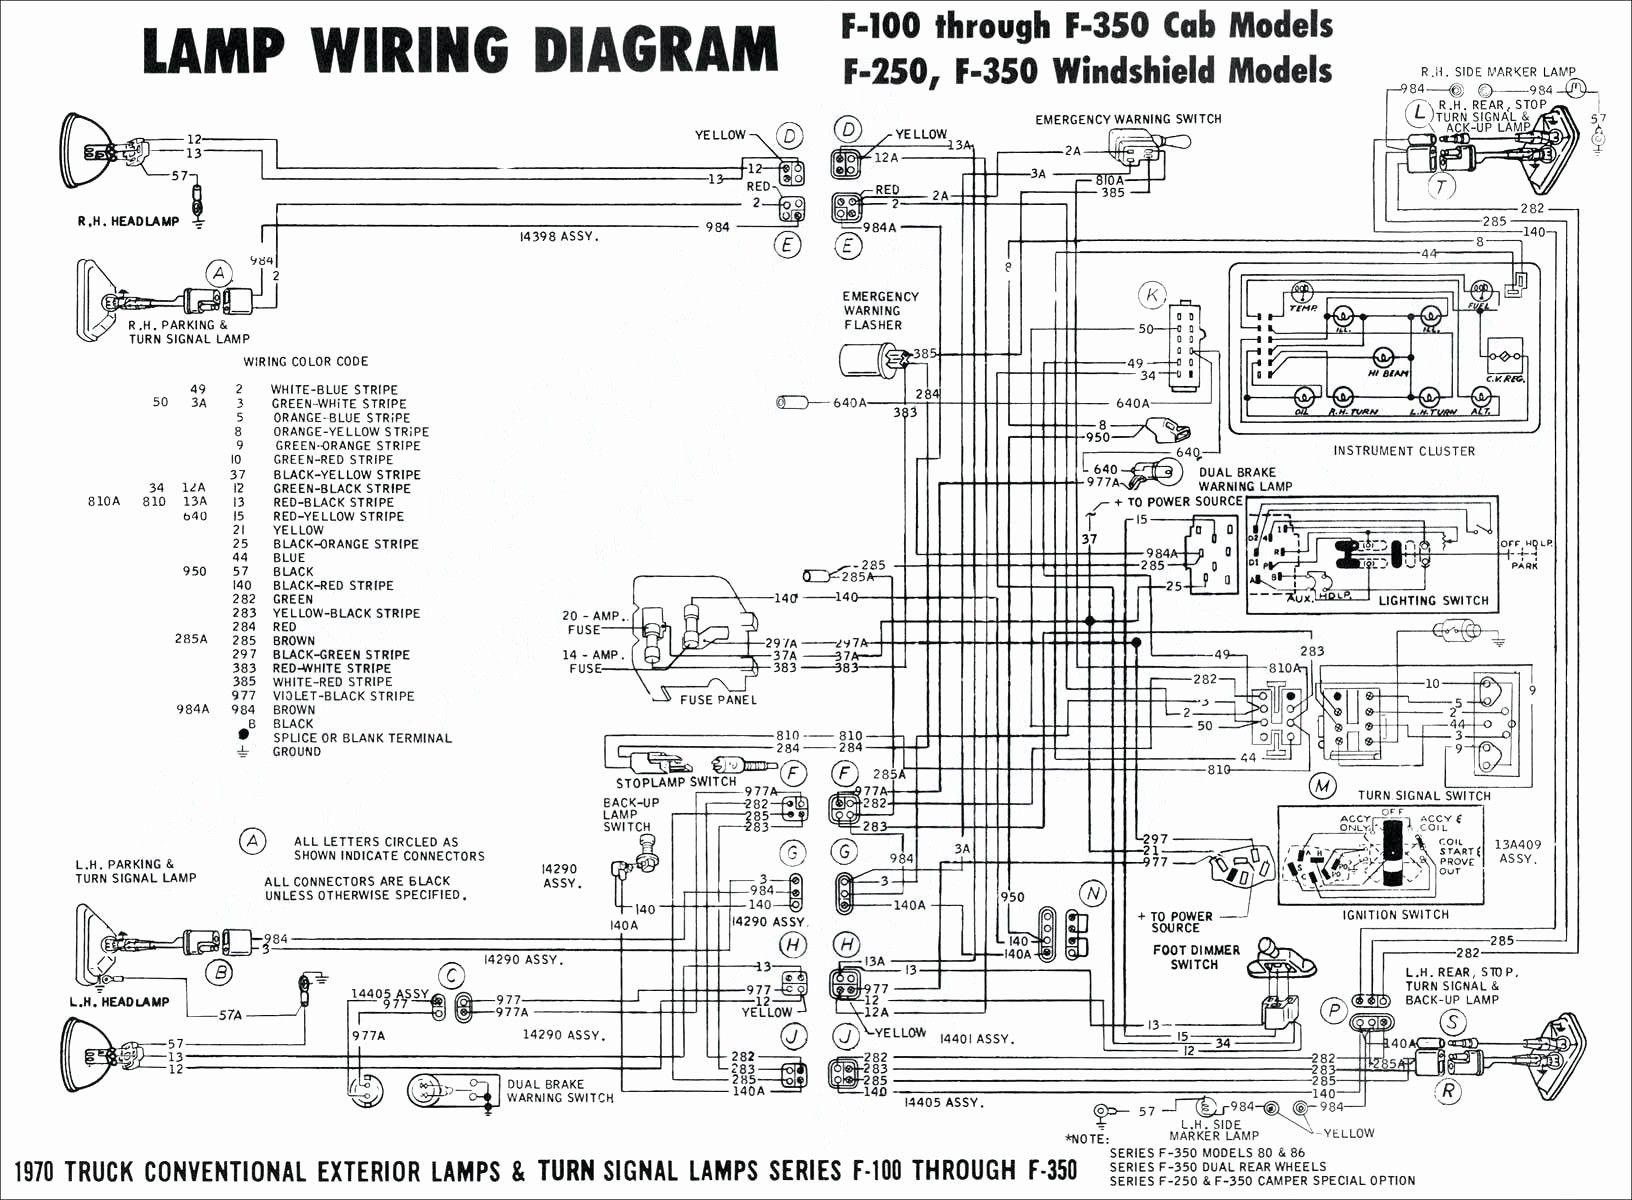 [DIAGRAM] 1966 Corvette Wiring Diagram Pdf